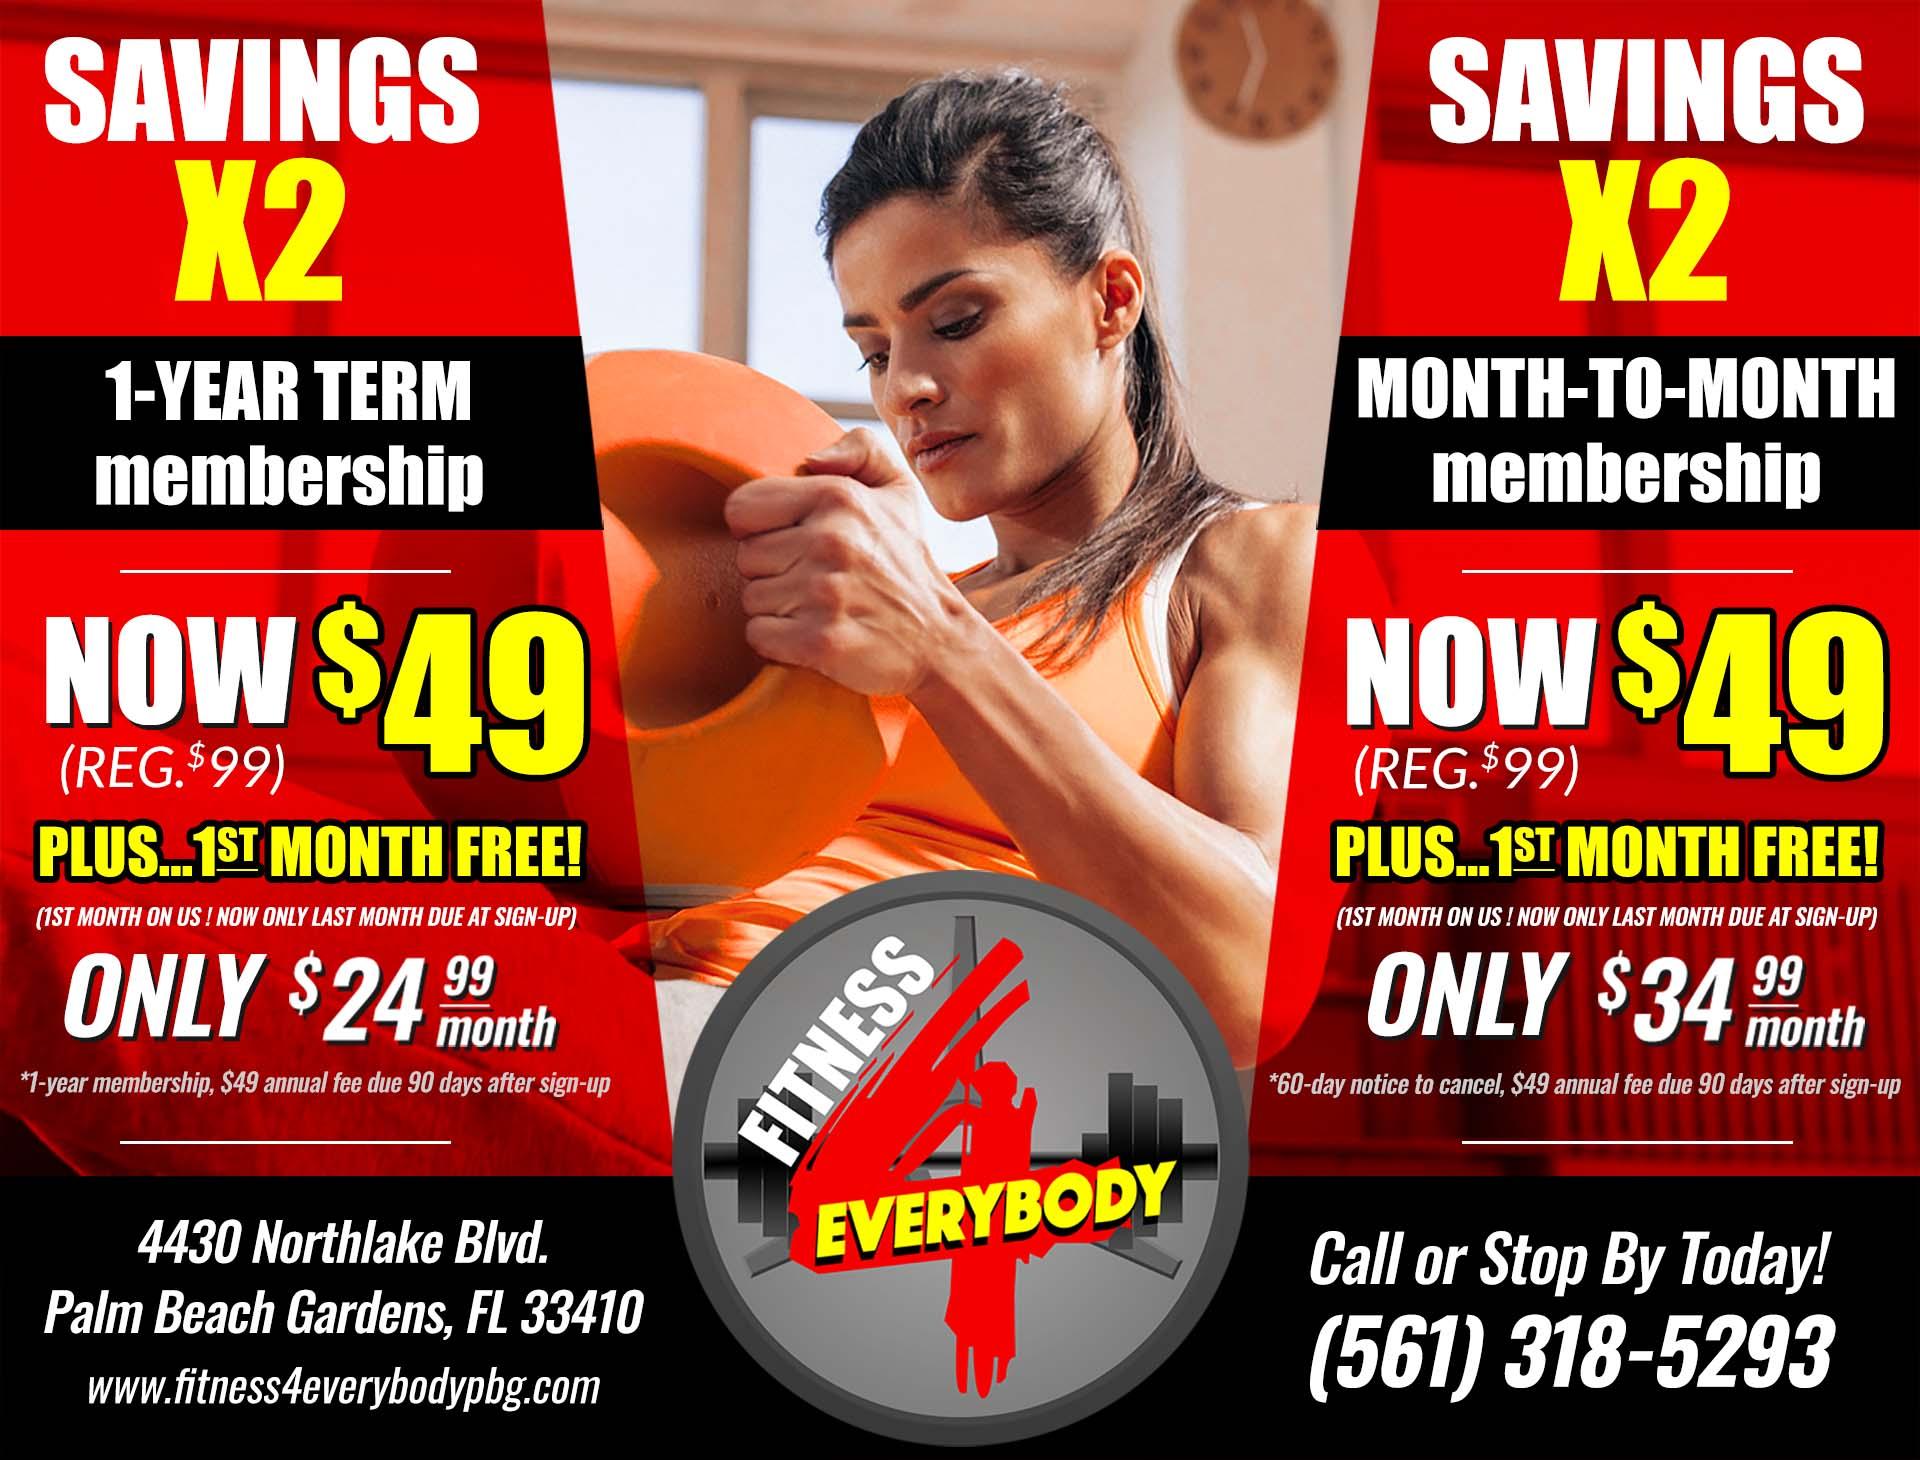 Savings X2 Membership Specials